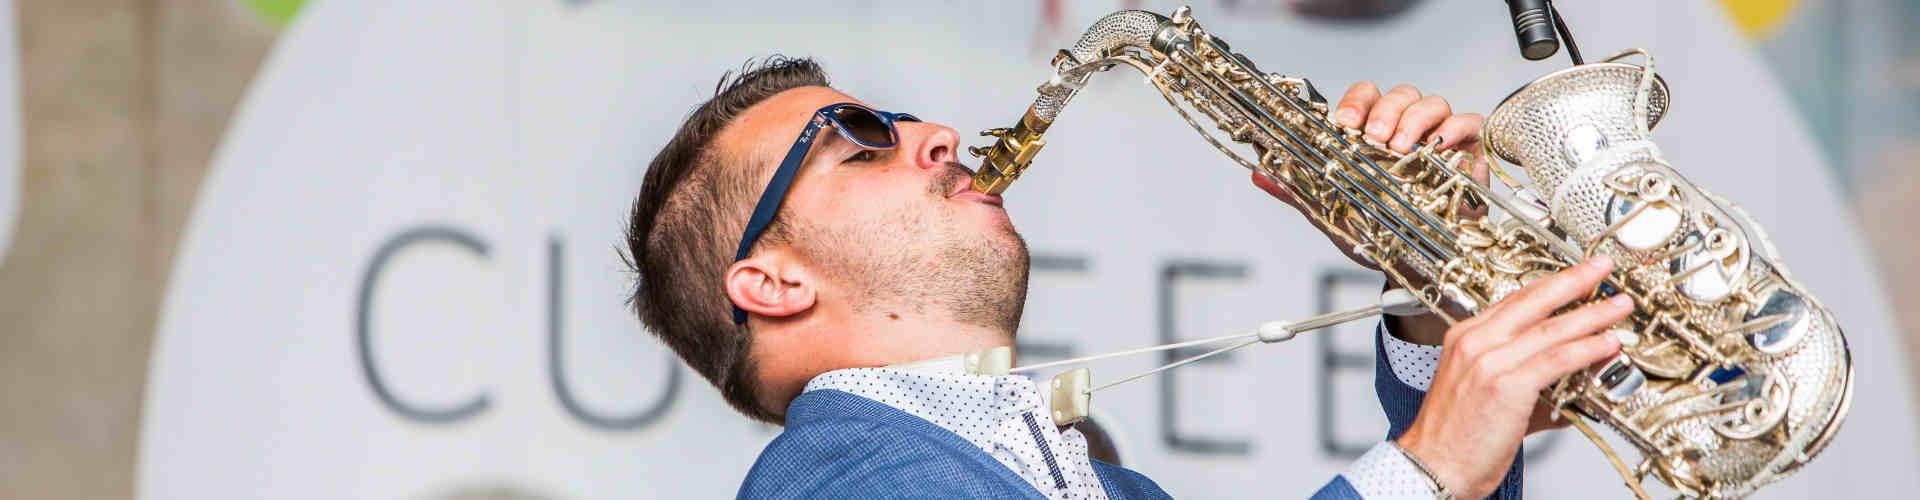 DJ voor feest huren Ambitious saxofonist hier tijdens openbaar culinair evenement in Gouda